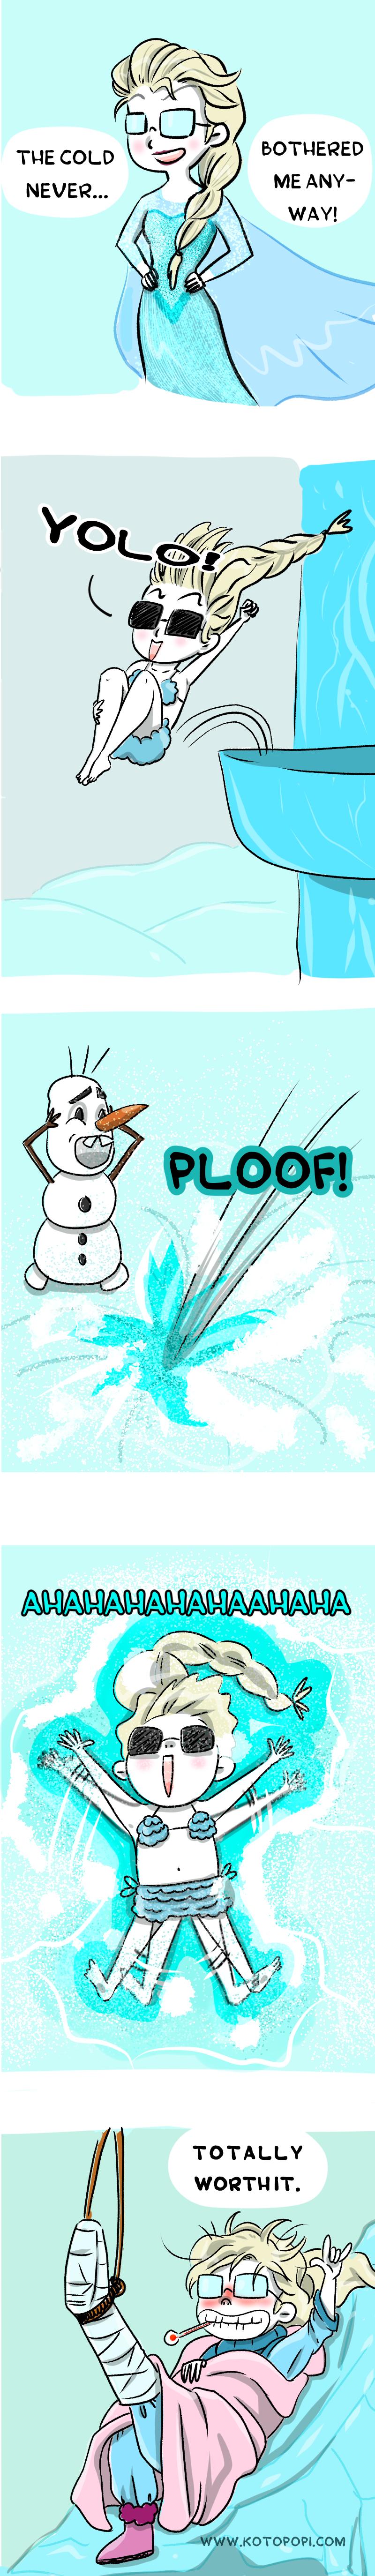 elsa frozen parody disney meme funny